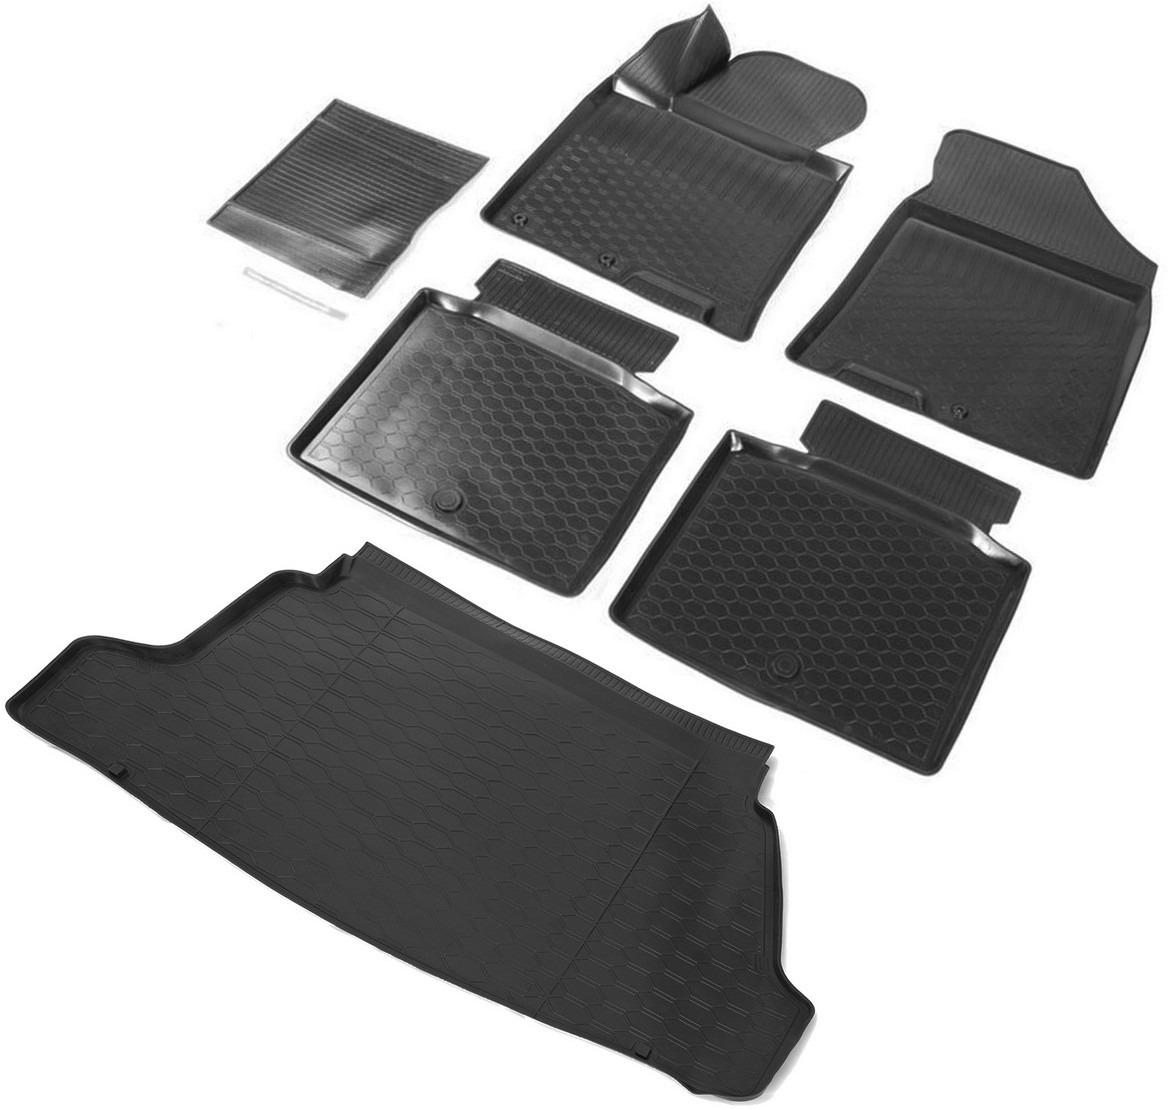 Комплект ковриков салона и багажника Rival для Hyundai i40 седан 2011-2017, полиуретан, без крепежа, с перемычкой, 6 шт. K12303002-1